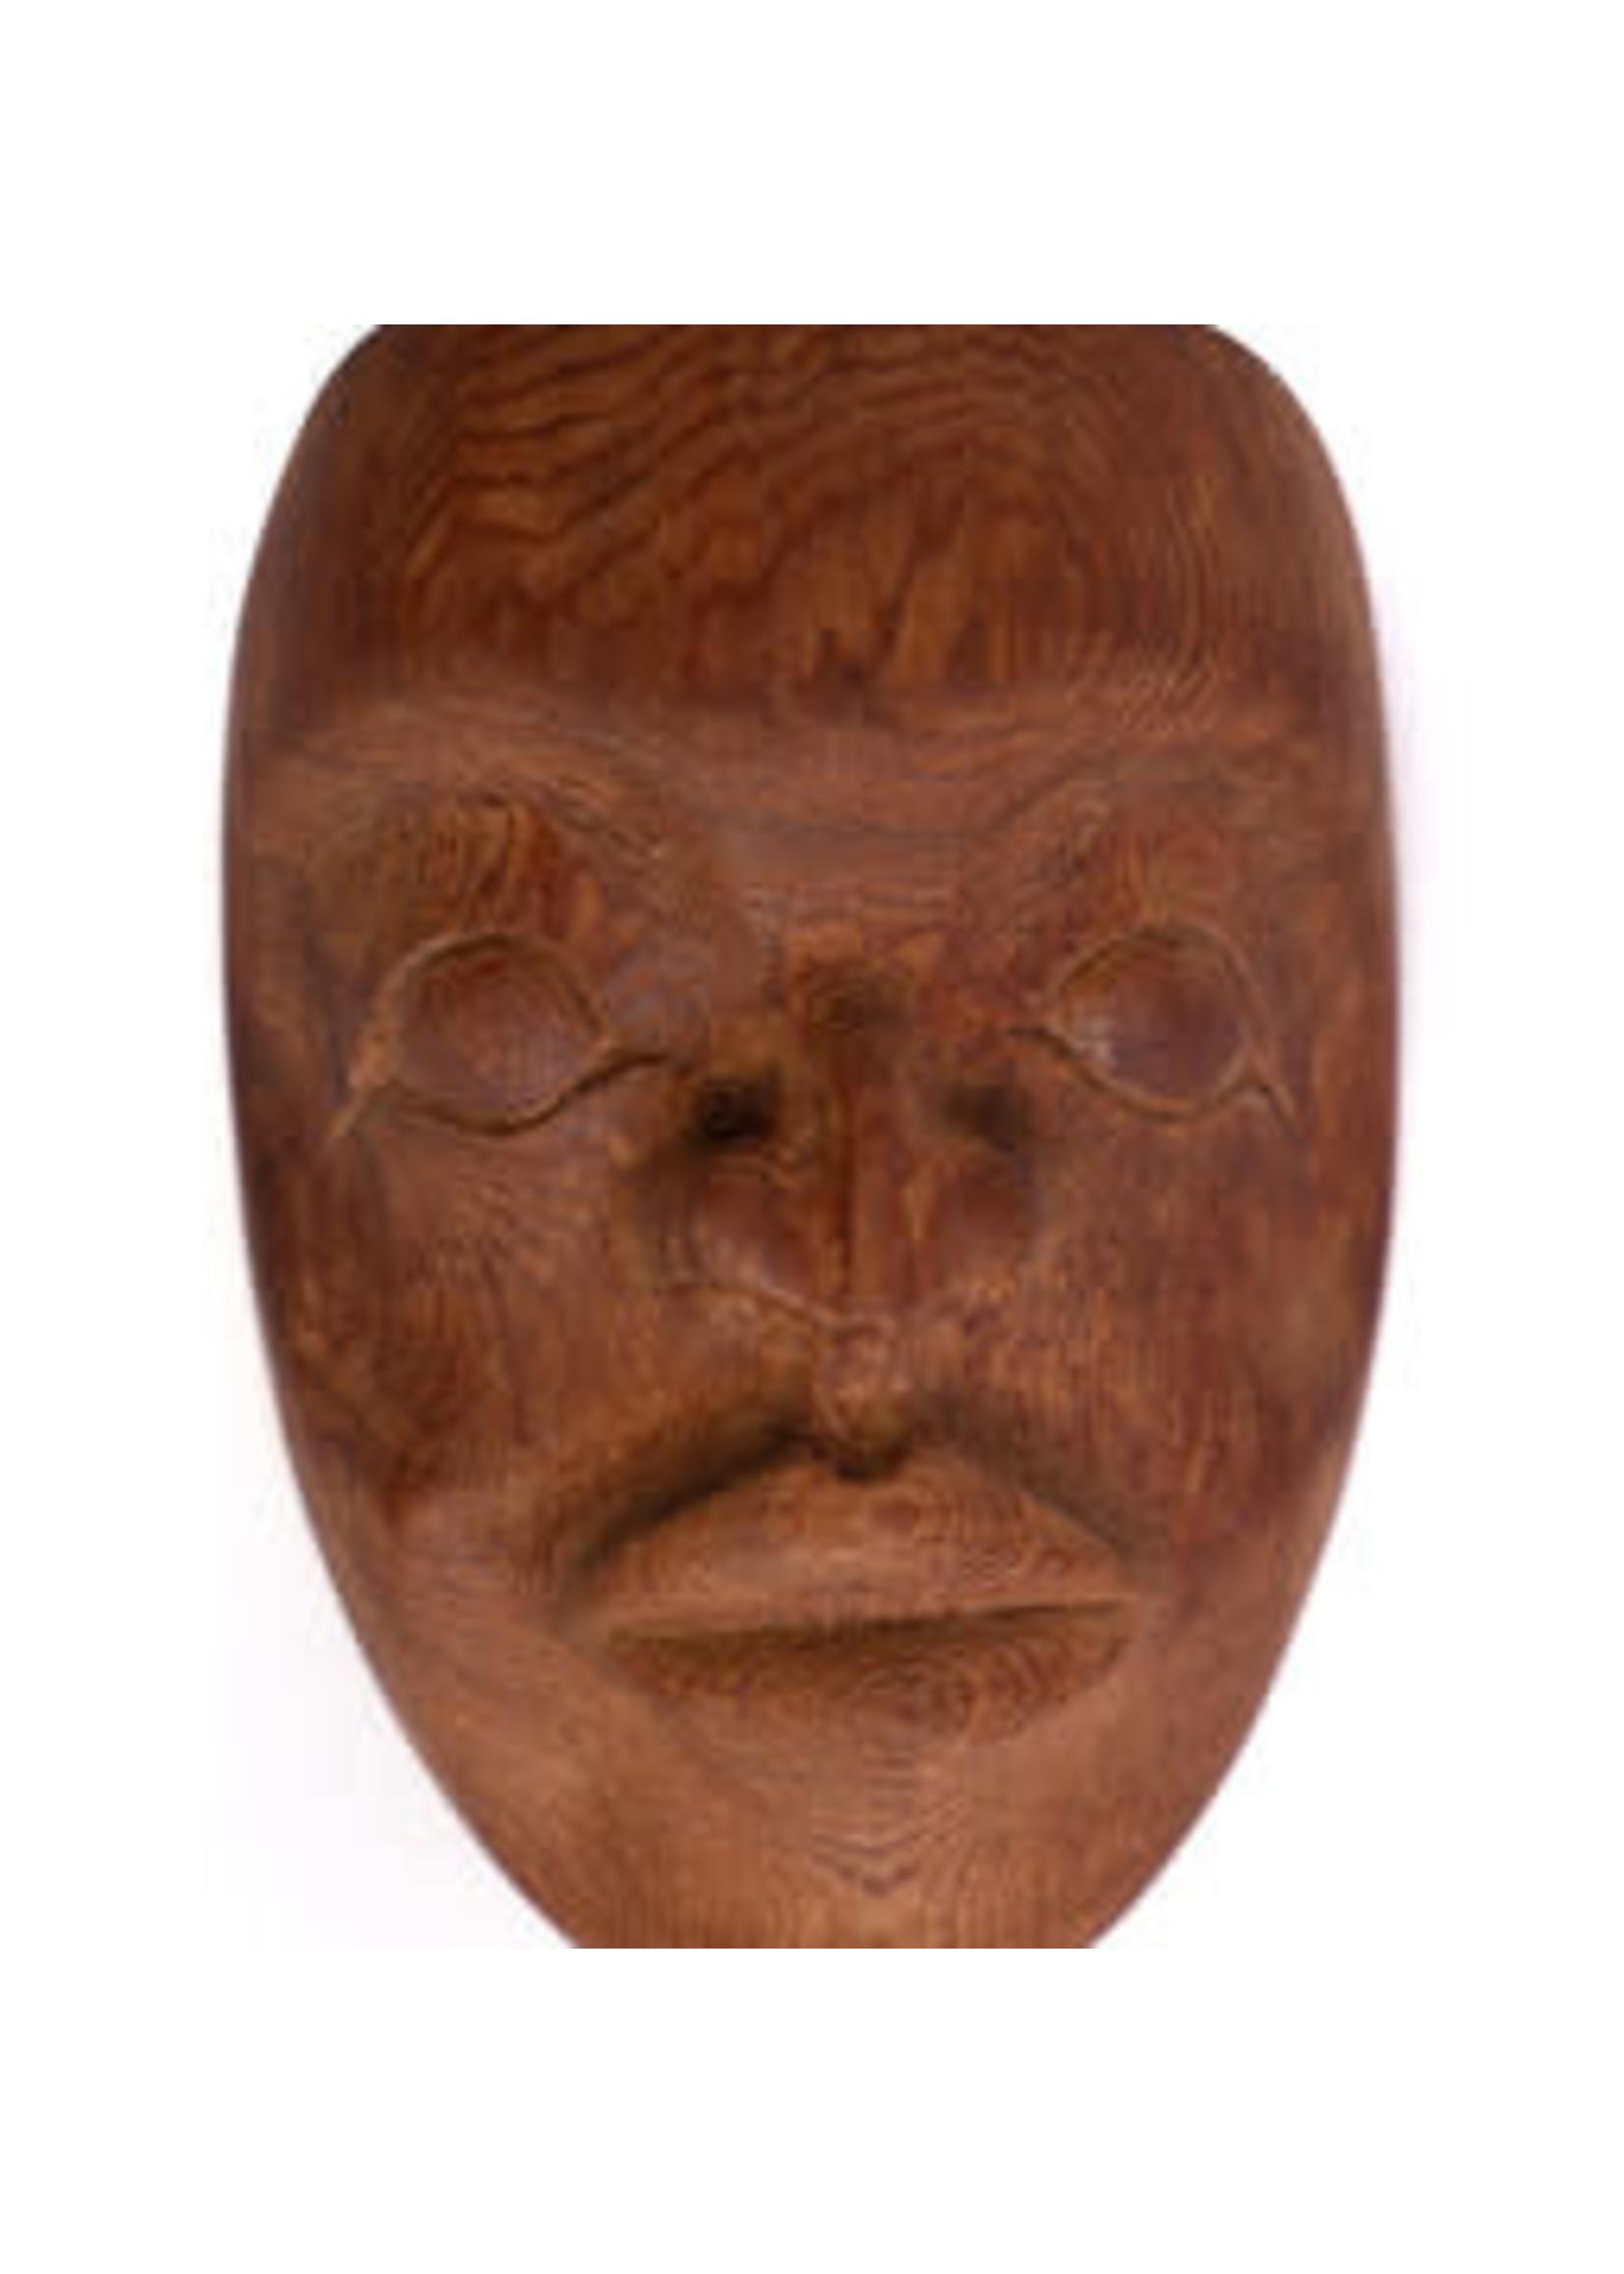 Natural - Carved Mask (SOLD)